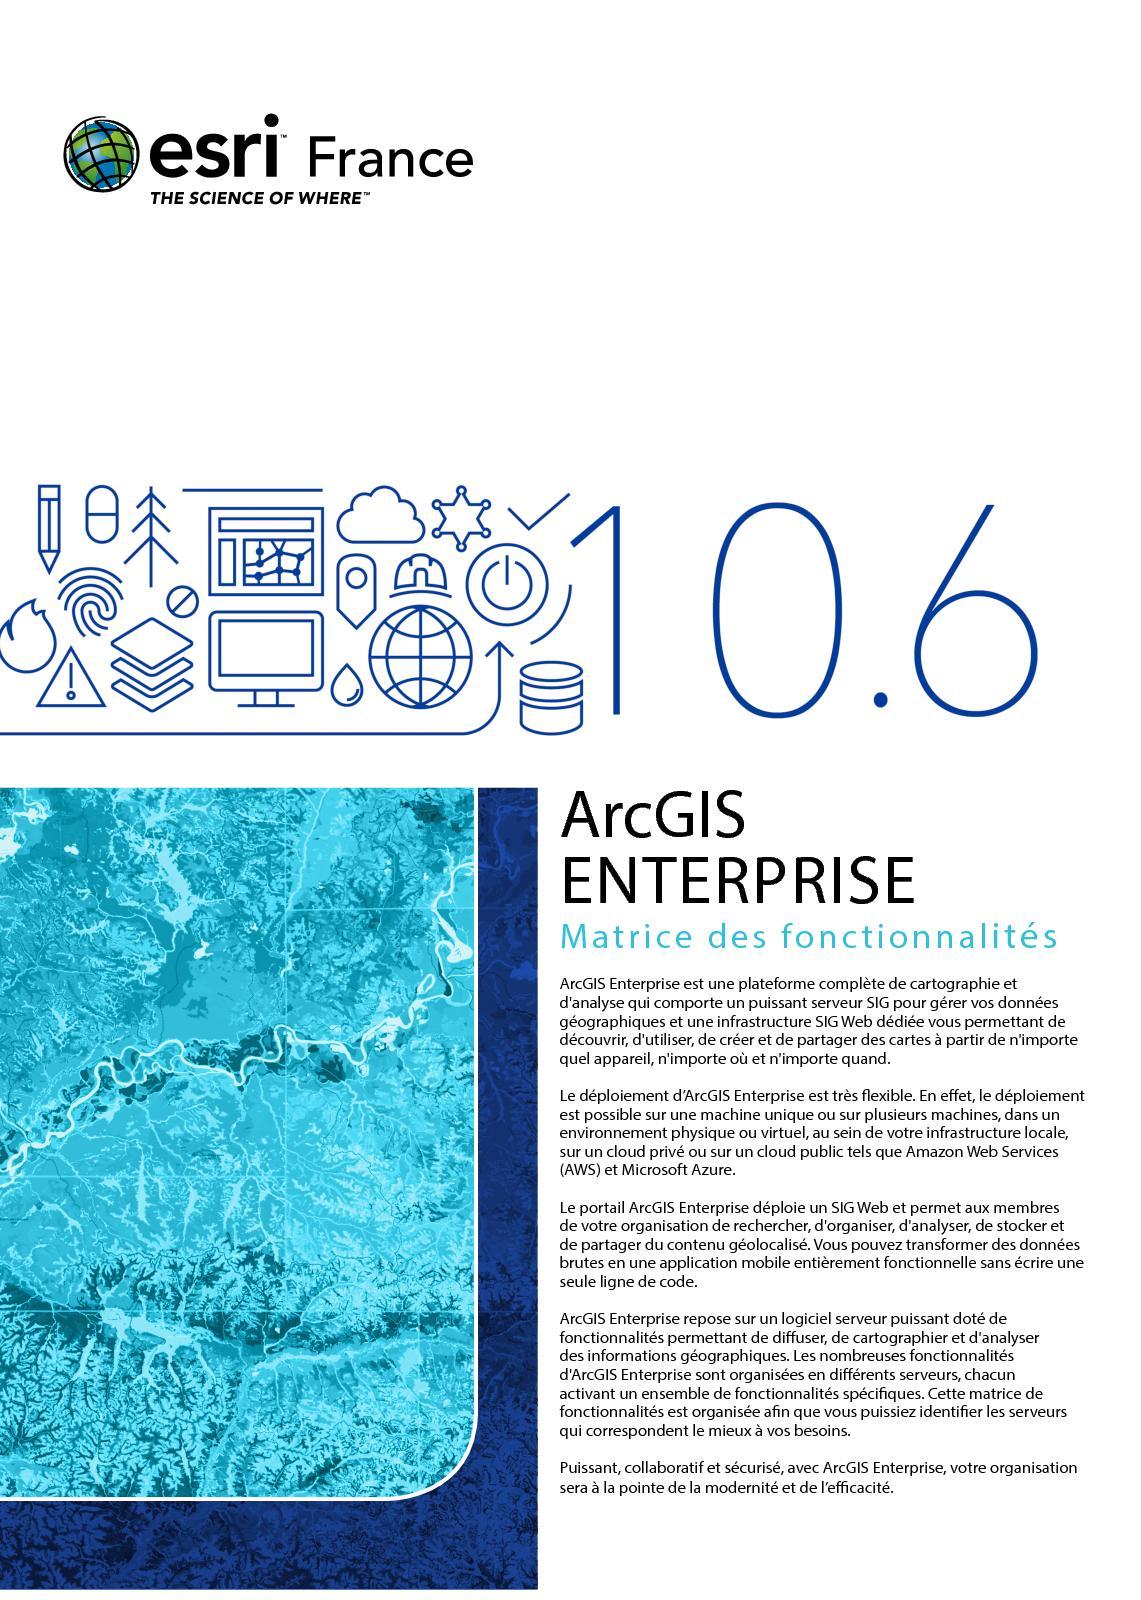 2017 ArcGIS Enterprise Matrice des fonctionnalités